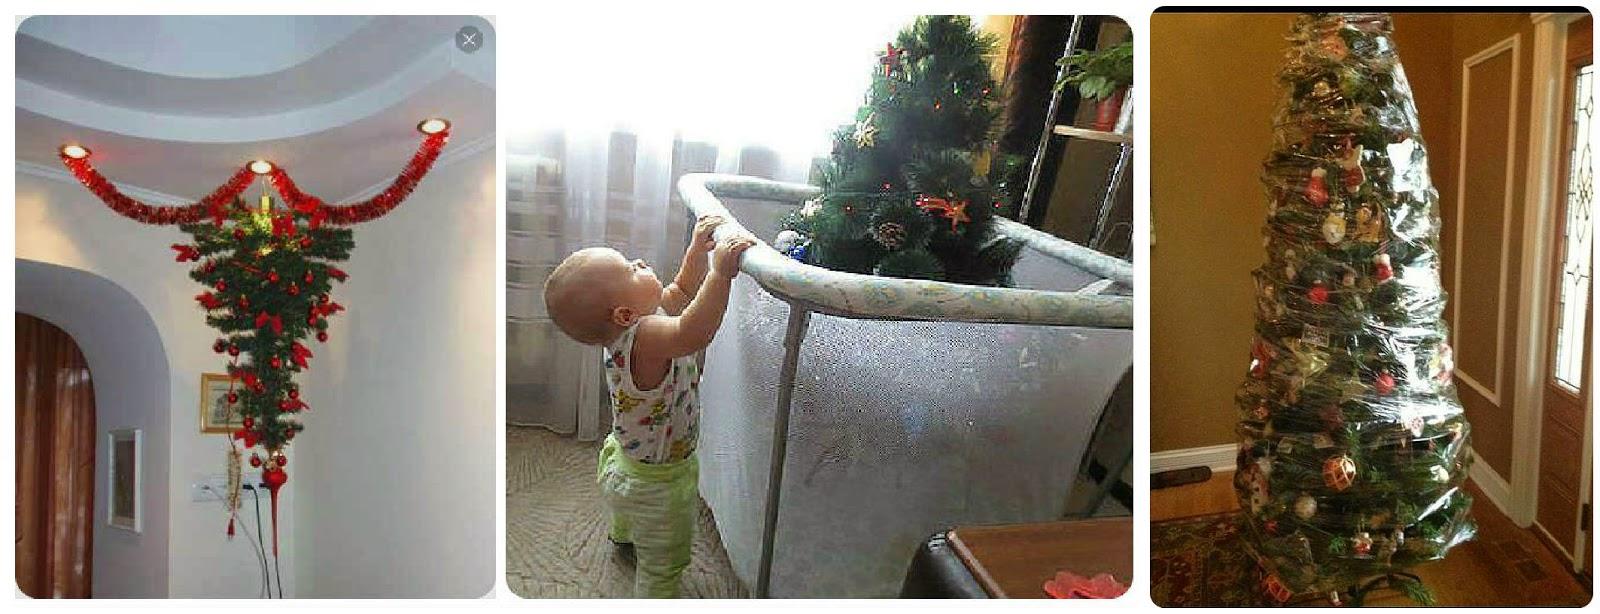 Eлка в доме, где есть маленький ребенок